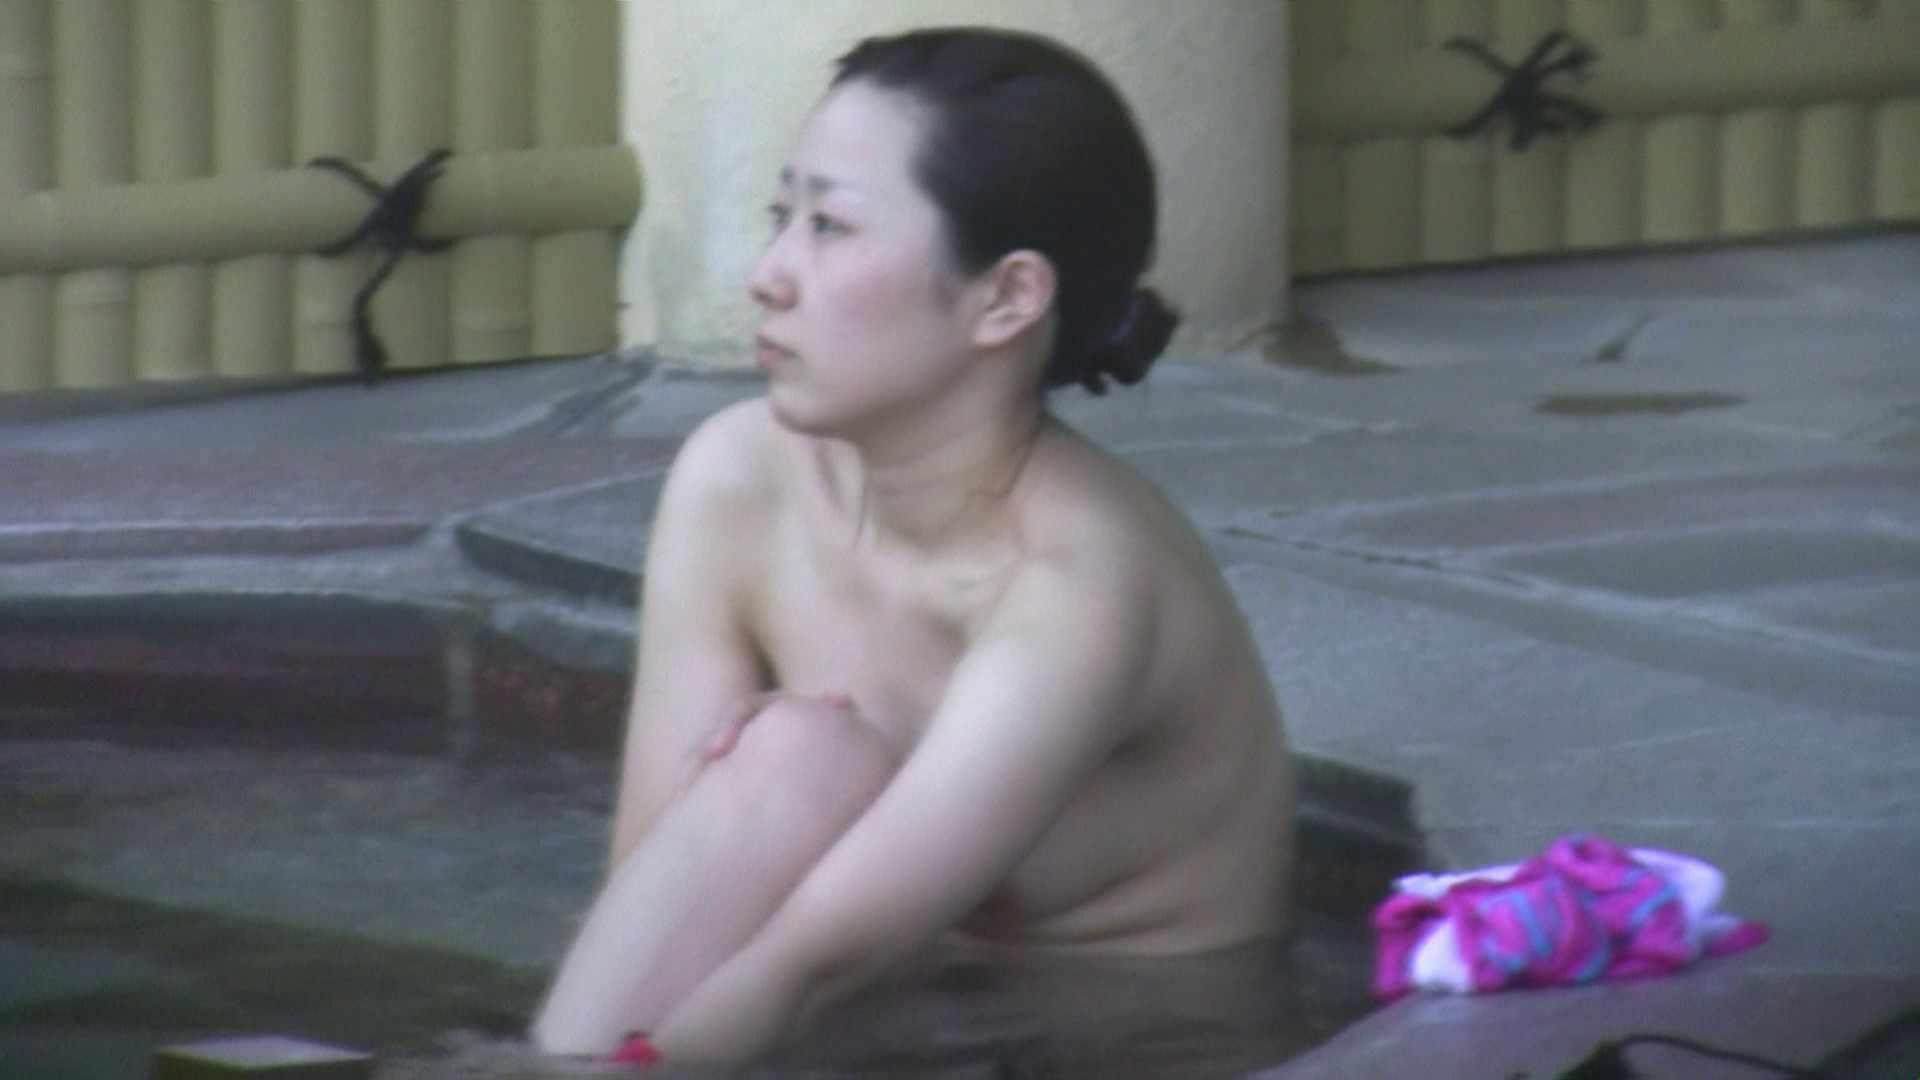 Aquaな露天風呂Vol.88【VIP限定】 0  70pic 24